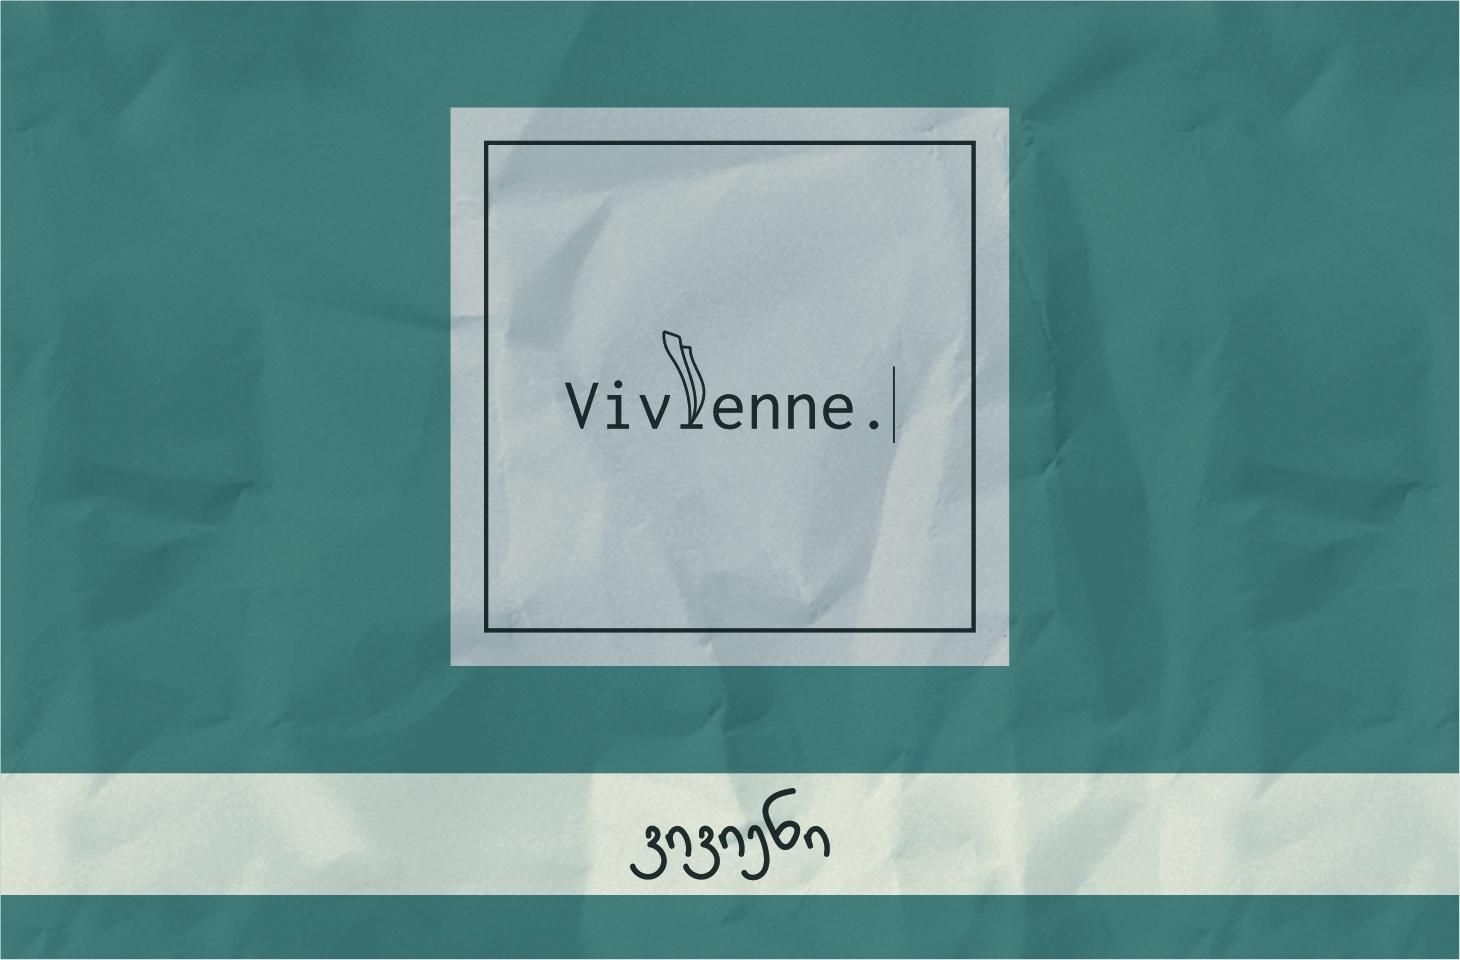 ვივიენი